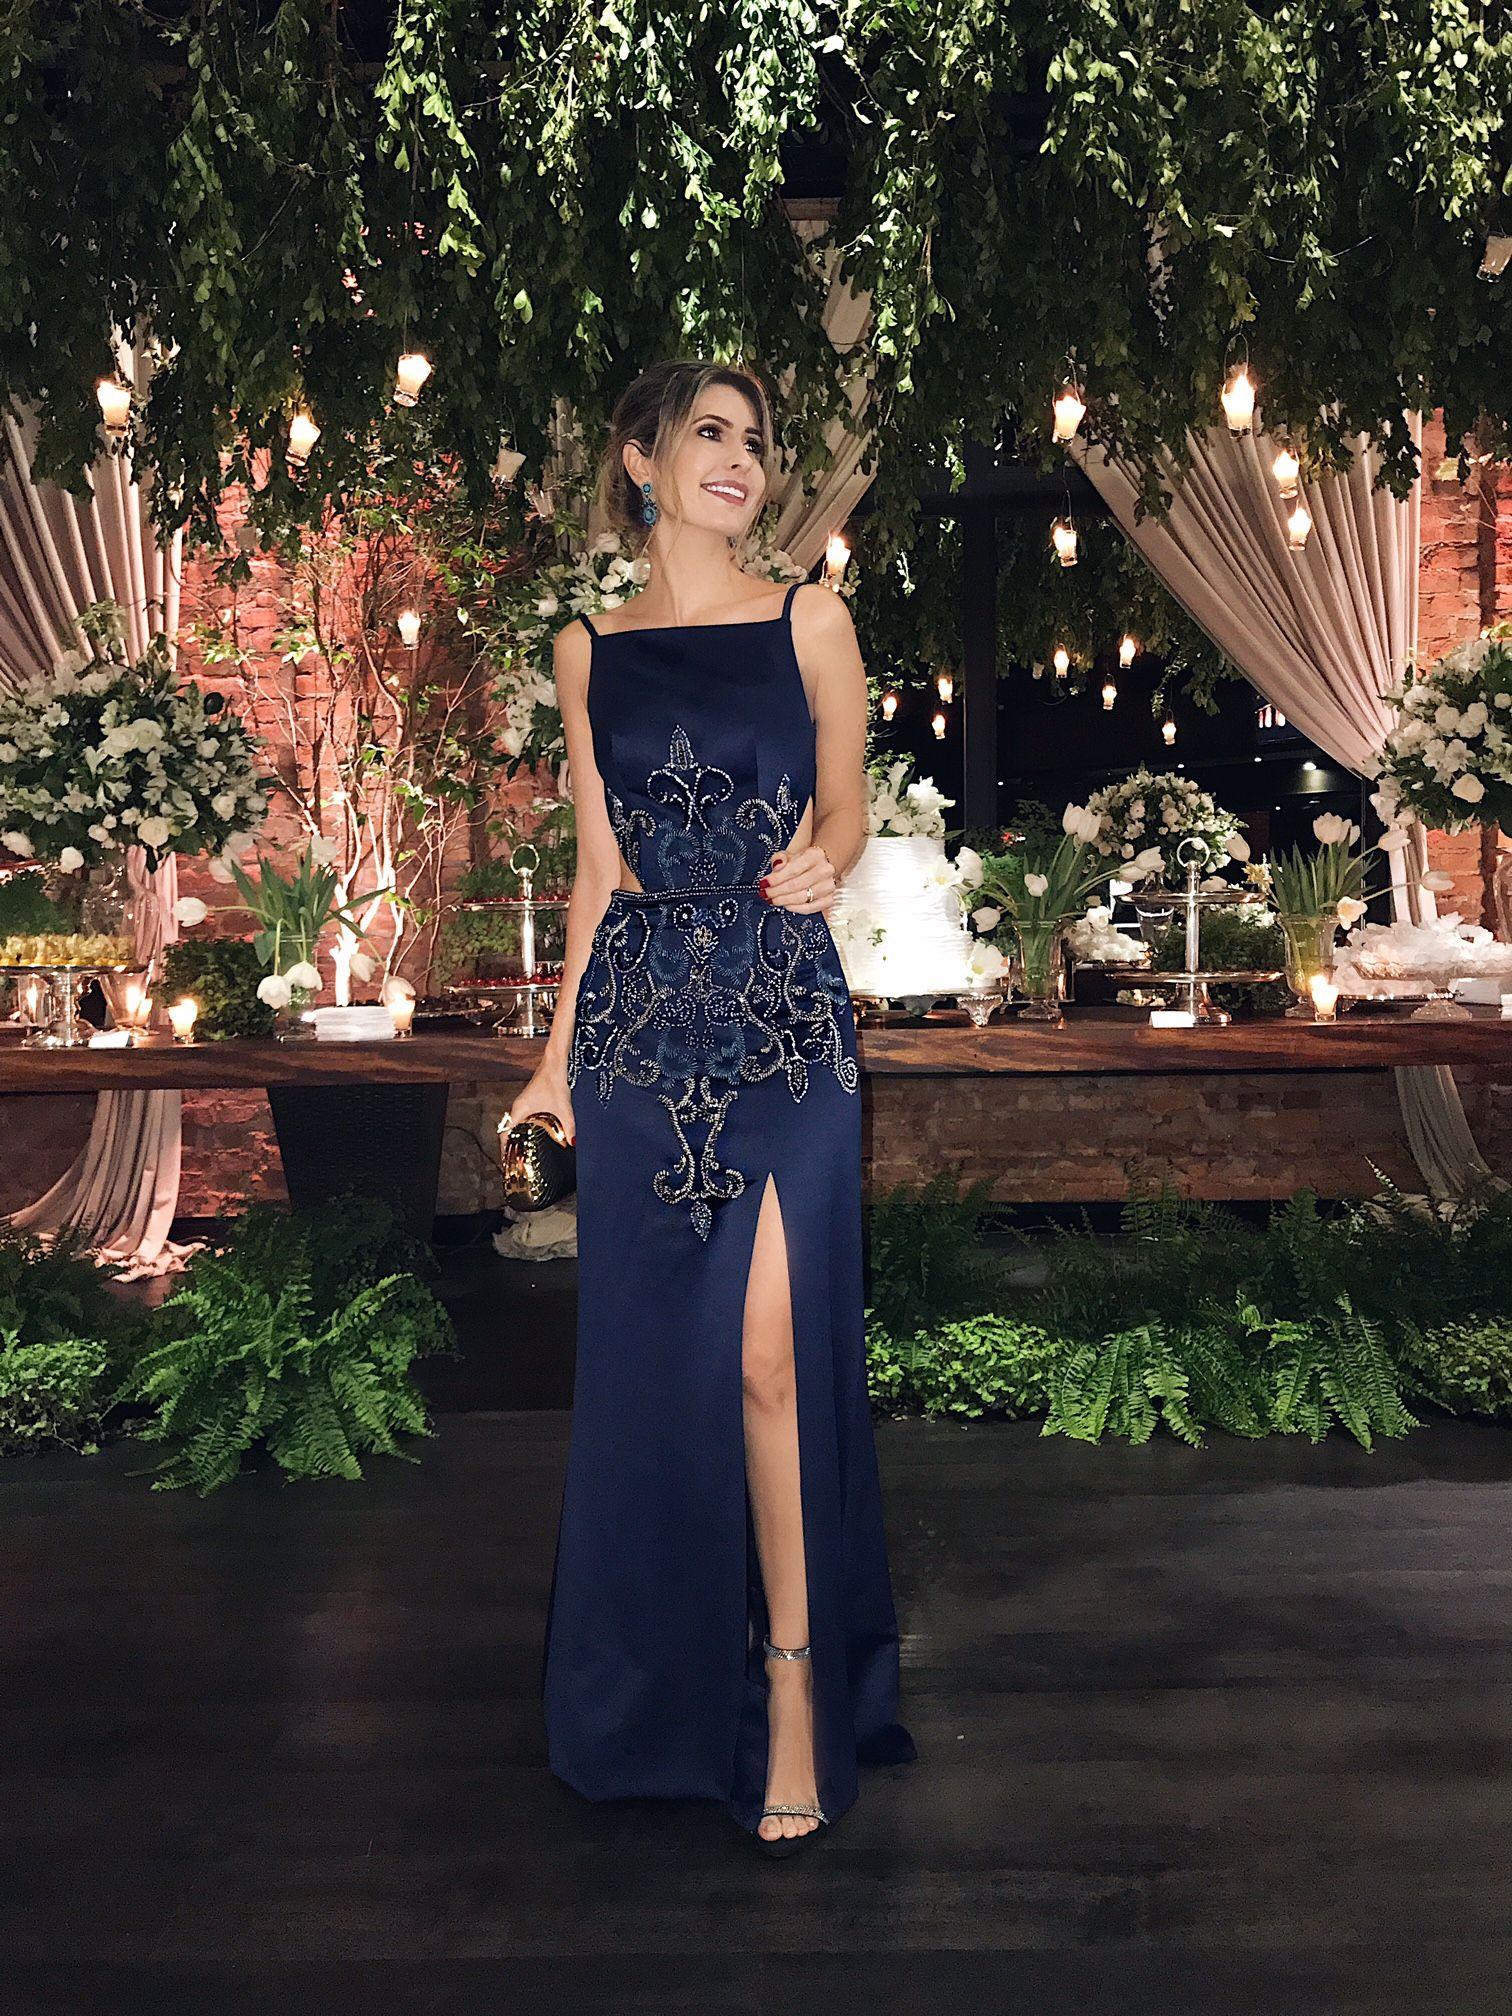 Look de festa da Carol Tognon com vestido longo azul marinho e pedras com  bordado e0cf4cda547